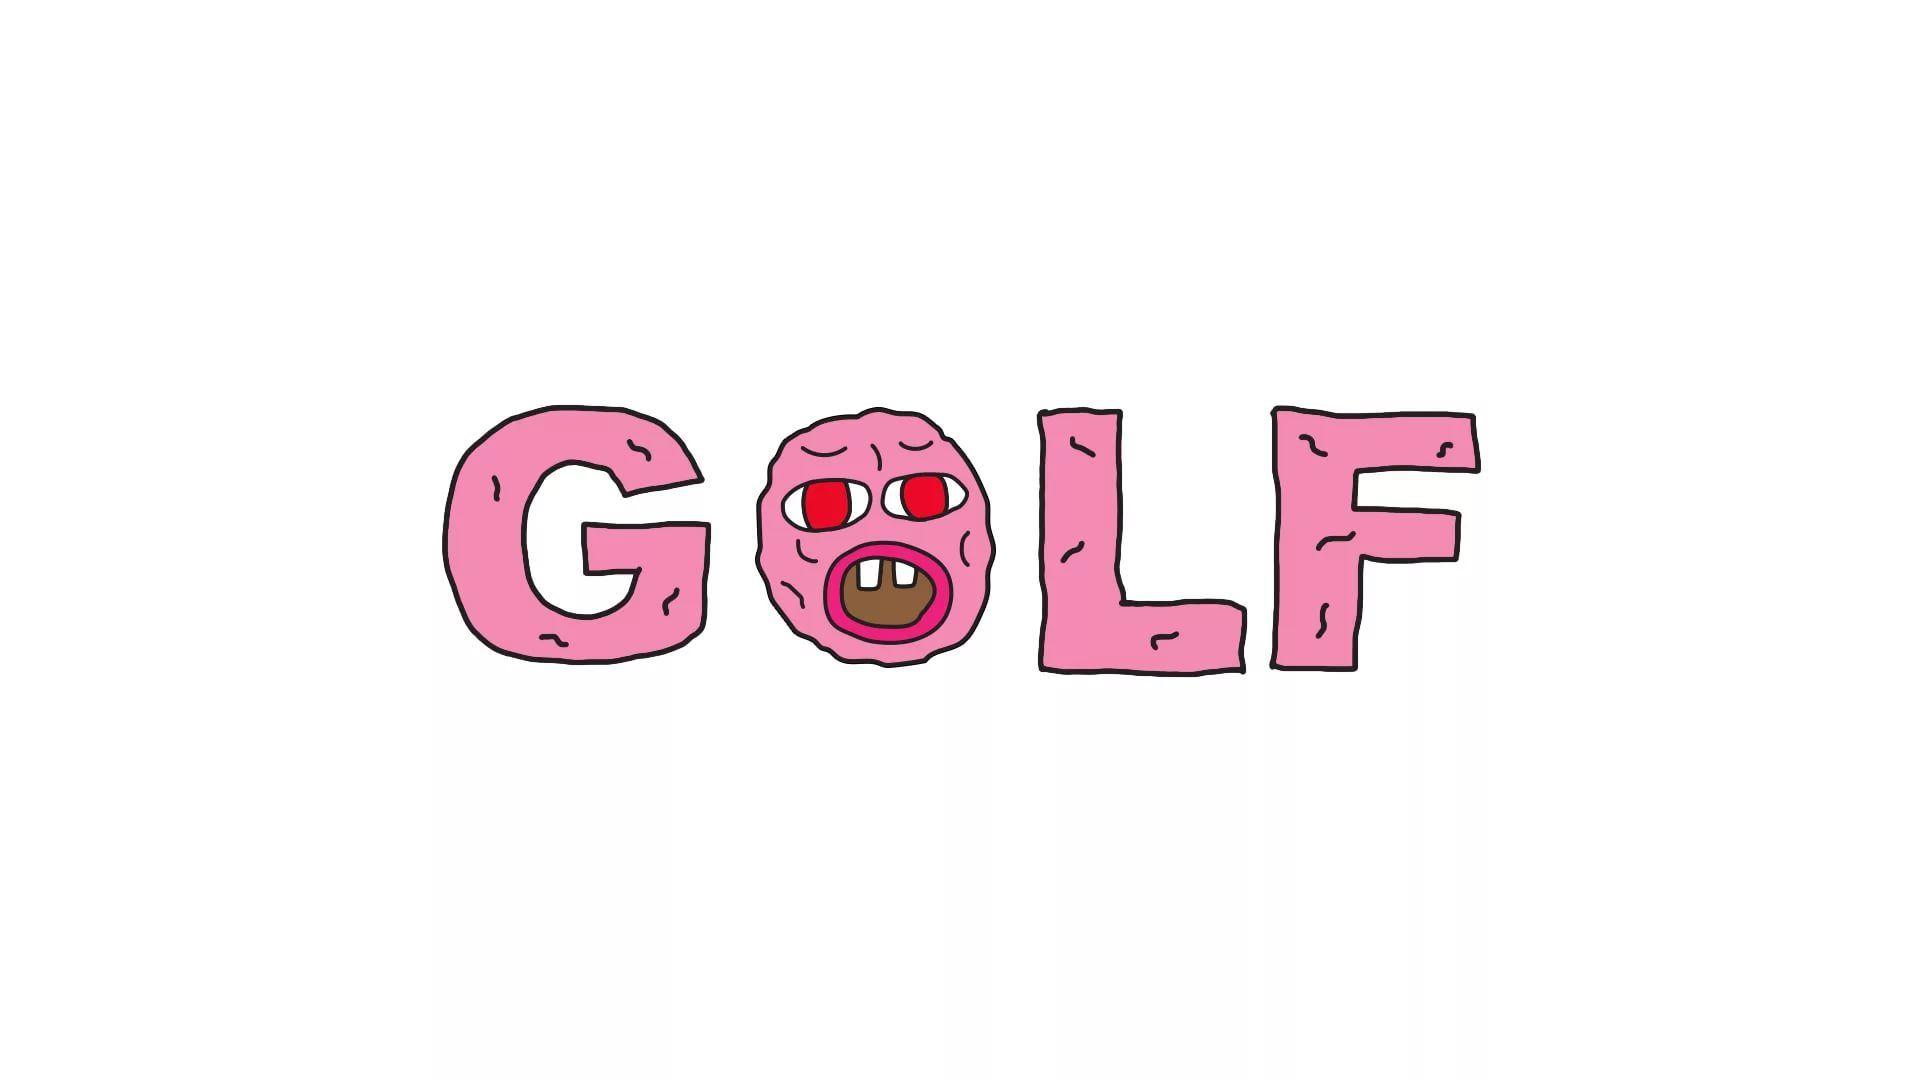 Golf Wang 1920x1080 wallpaper